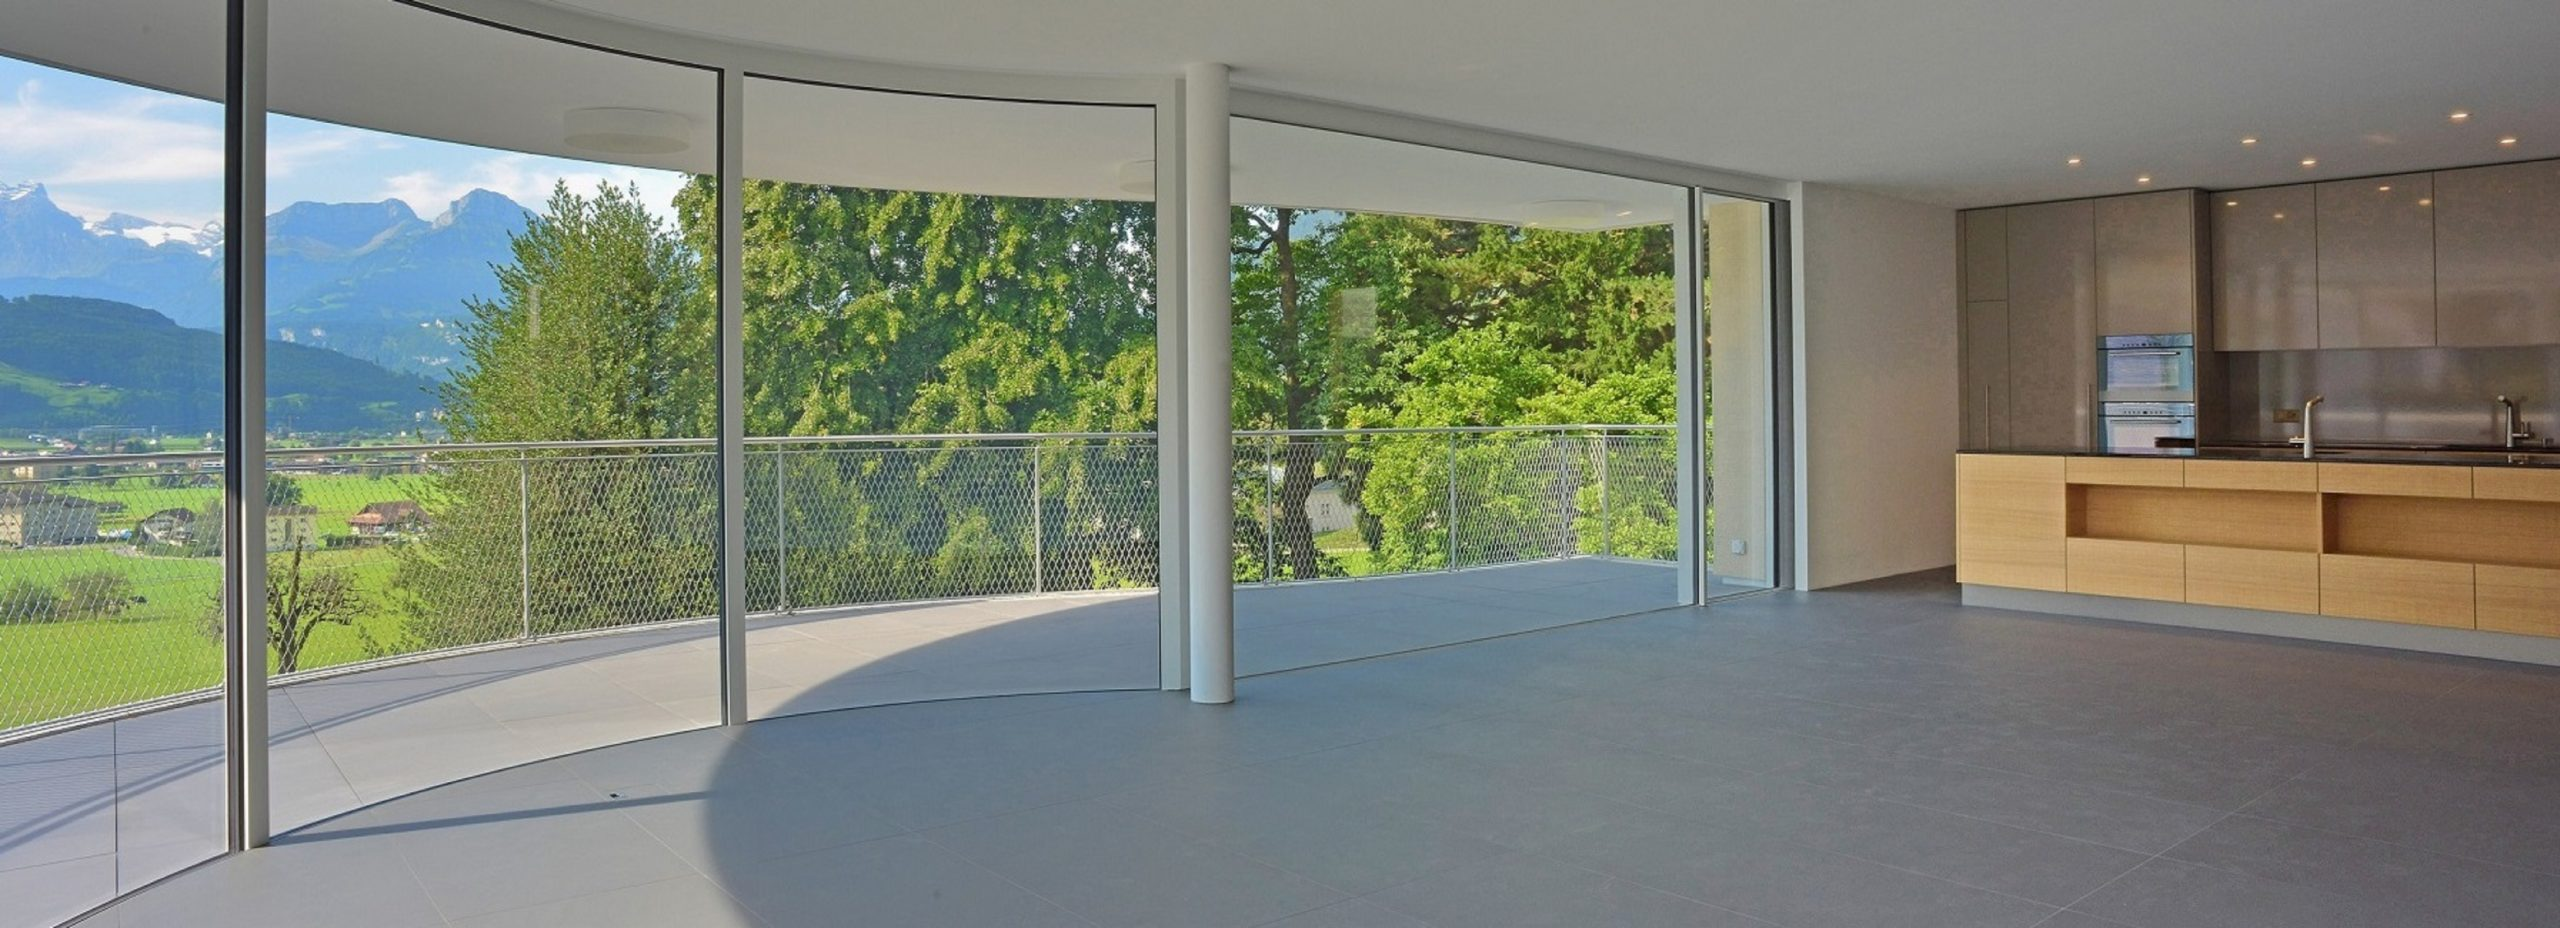 Full Size of Rahmenlose Fenster Laserschneiden Auf Maß Weru Bodentief Einbruchschutz Stange Klebefolie Für Fototapete Flachdach Türen Insektenschutz Wärmeschutzfolie Fenster Rahmenlose Fenster